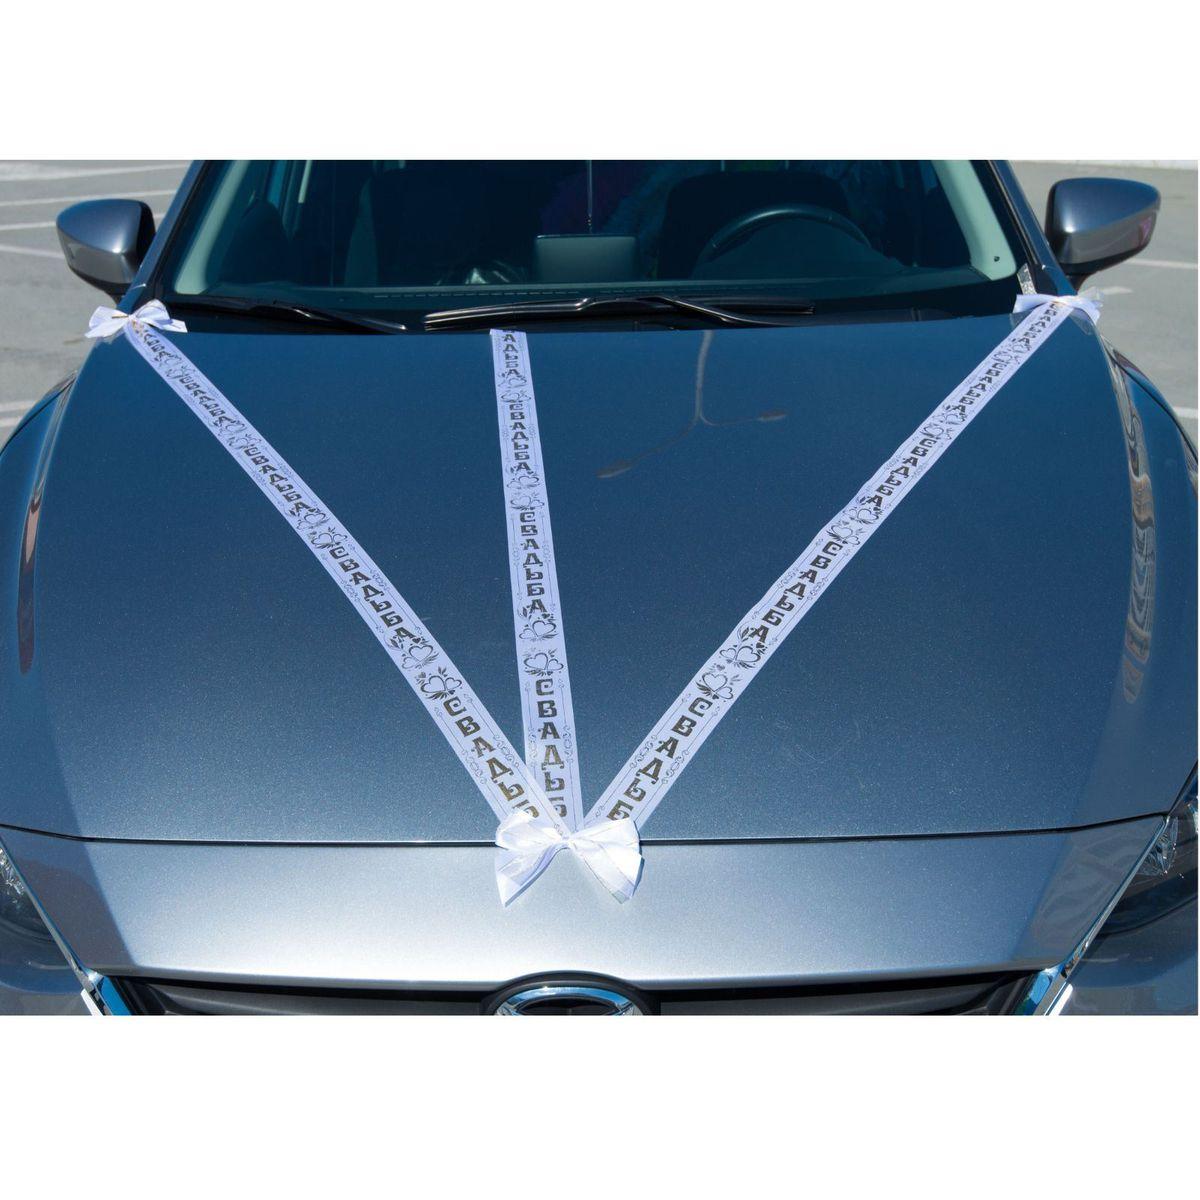 Набор лент для свадебного авто Sima-land Свадьба, цвет: мульти, 150 x 5 x 0,5 см1.645-504.0Украшение свадебного кортежа лентами, несомненно – очень красивая свадебная традиция.Набор лент для свадебного авто Свадьба подчеркнёт значимость вашего автомобиля в столь особенный день и придаст свадебному кортежу изюминку в потоке машин. Яркое и по-настоящему праздничное изделие создаст торжественную атмосферу в такой сказочный день.Лента изготовлена из искрящегося атласного материала с нанесением уникальных надписей, а также декорирована очаровательным бантом, соединяющим 3 её части по центру.